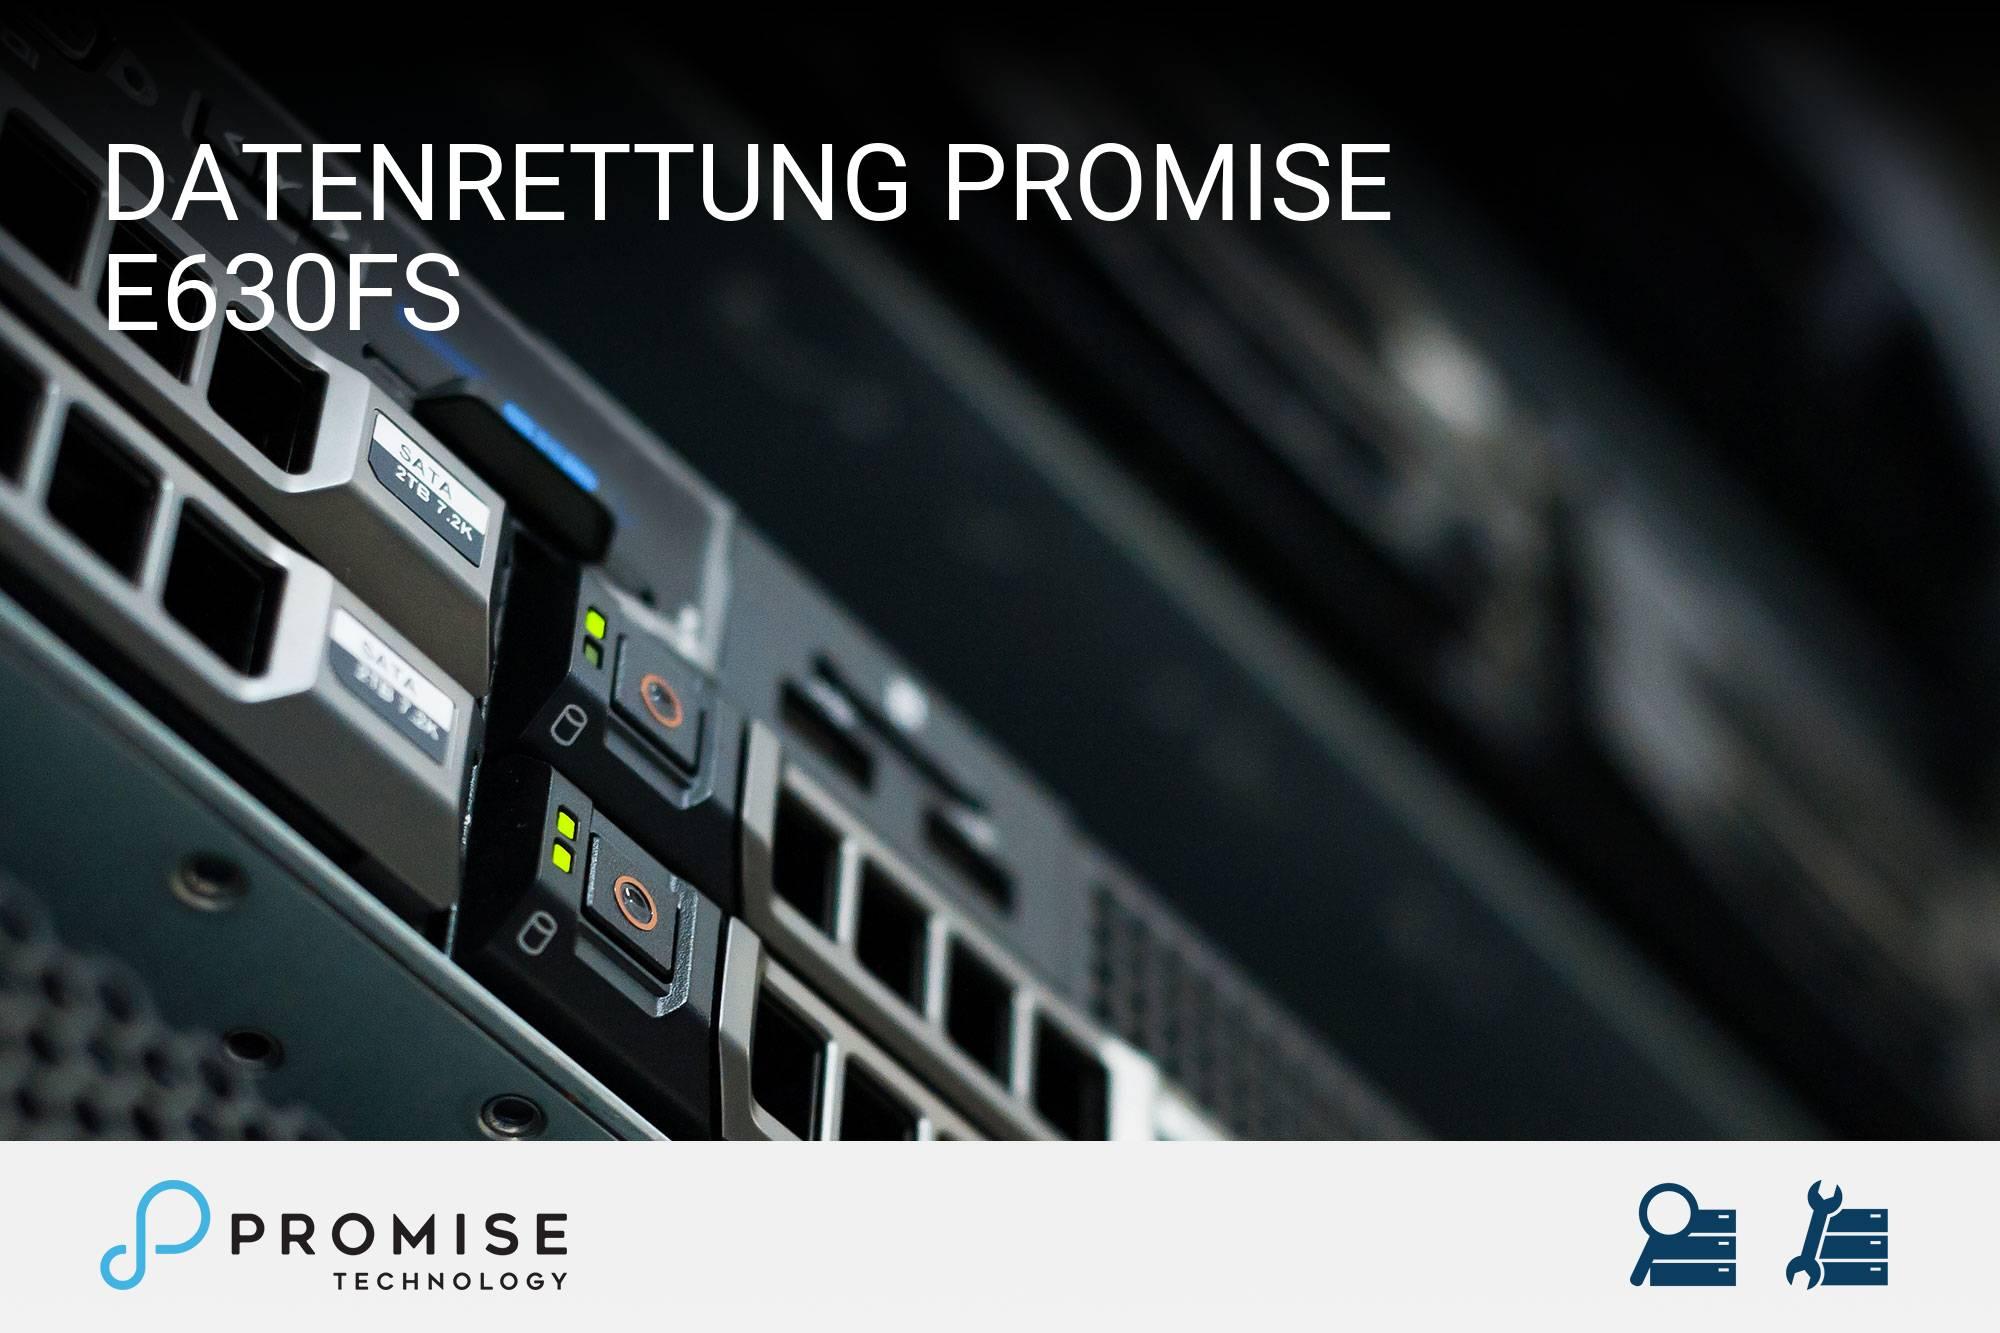 Promise E630fS